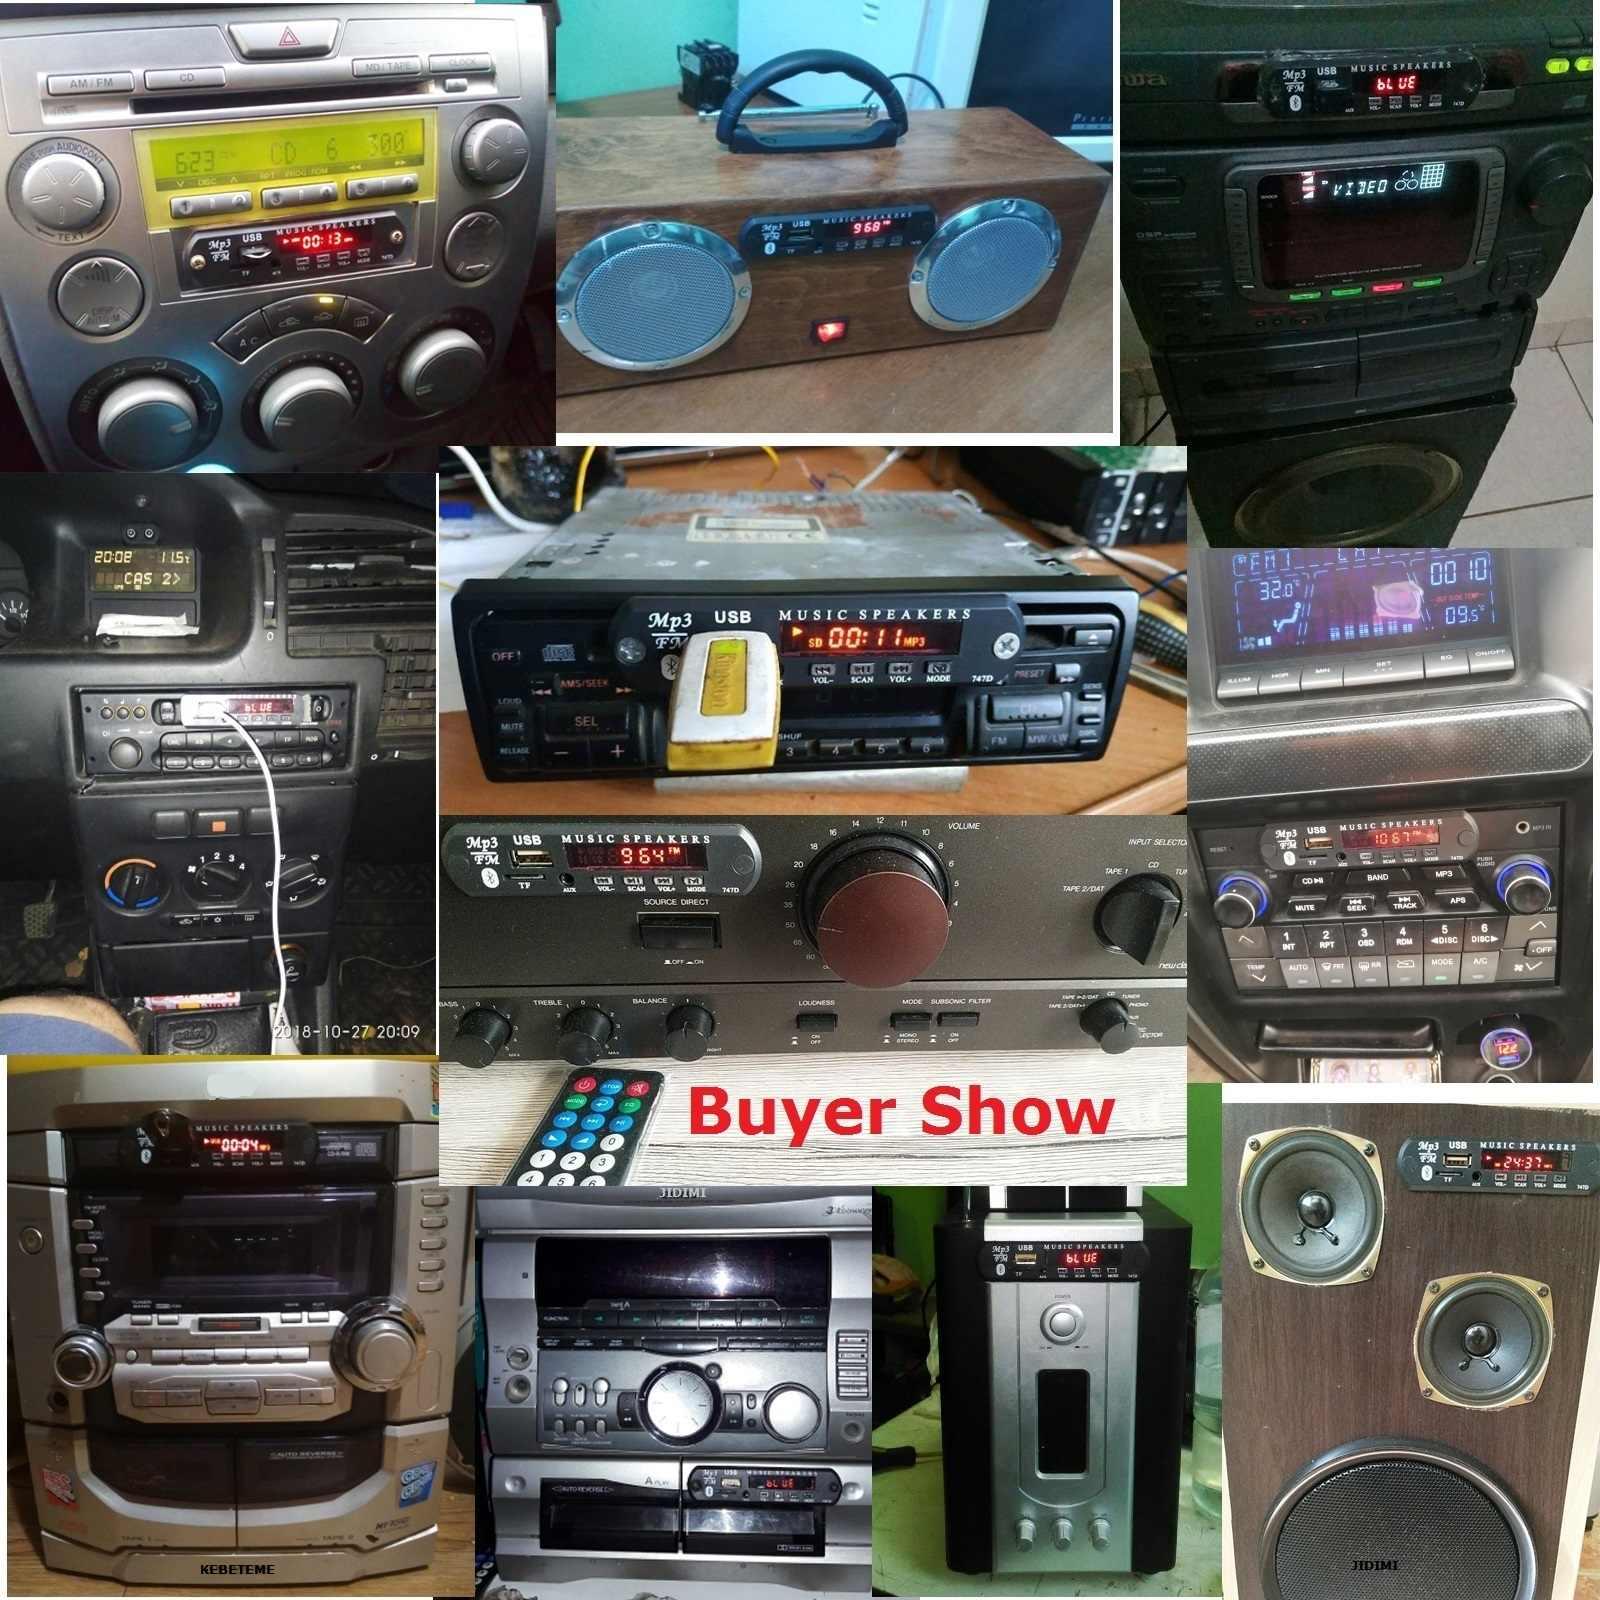 KEBIDU MP3 Wma デコーダボード 5V 12V オーディオモジュール USB TF ラジオ Bluetooth5.0 ワイヤレス音楽車 MP3 プレーヤーリモコンで